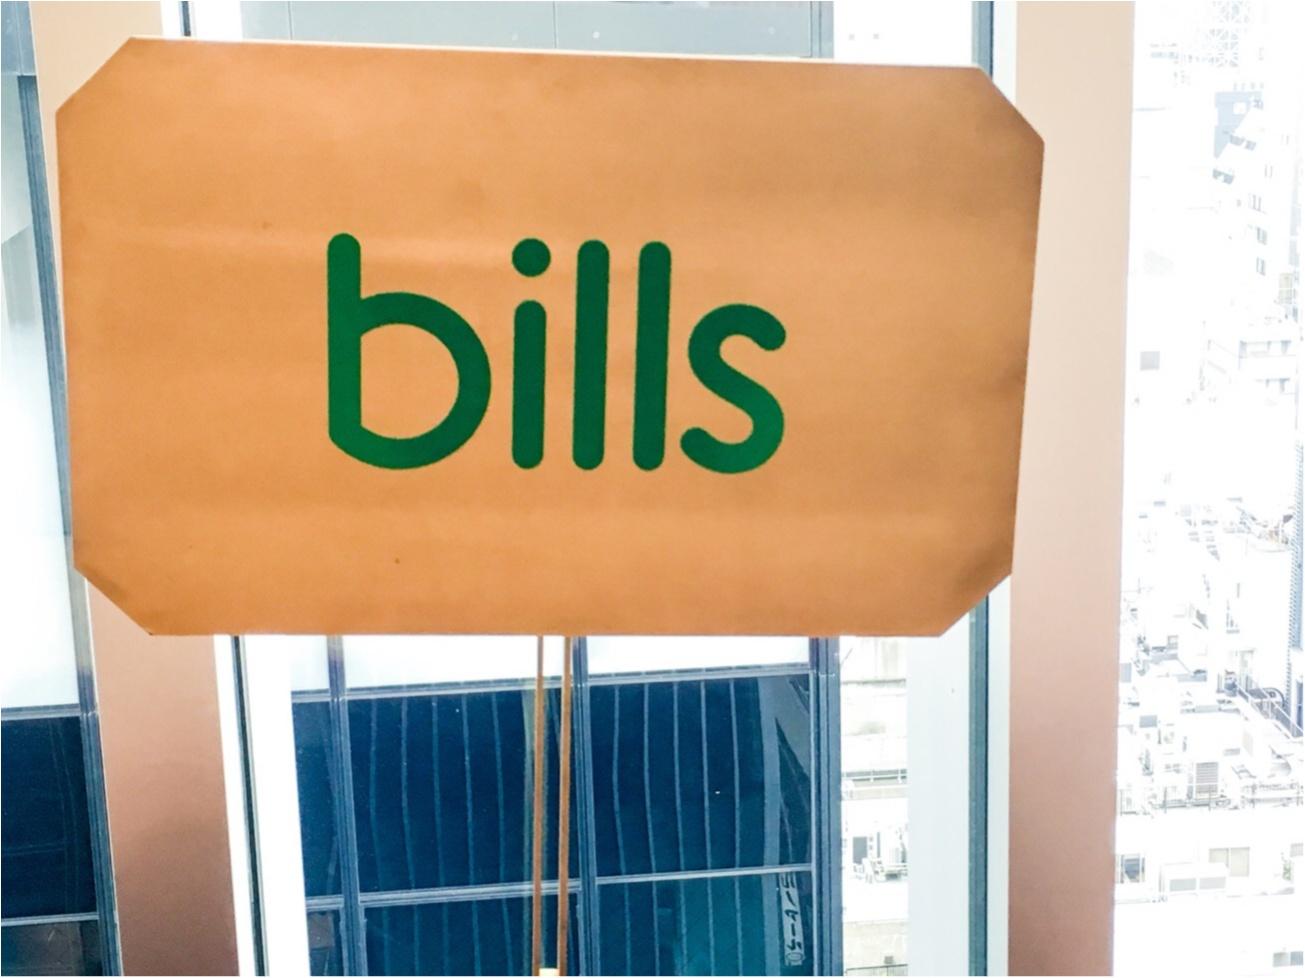 【銀座/bills】bills=パンケーキの法則だけじゃない!! billsの新感覚フレンチトーストが絶品♫_1